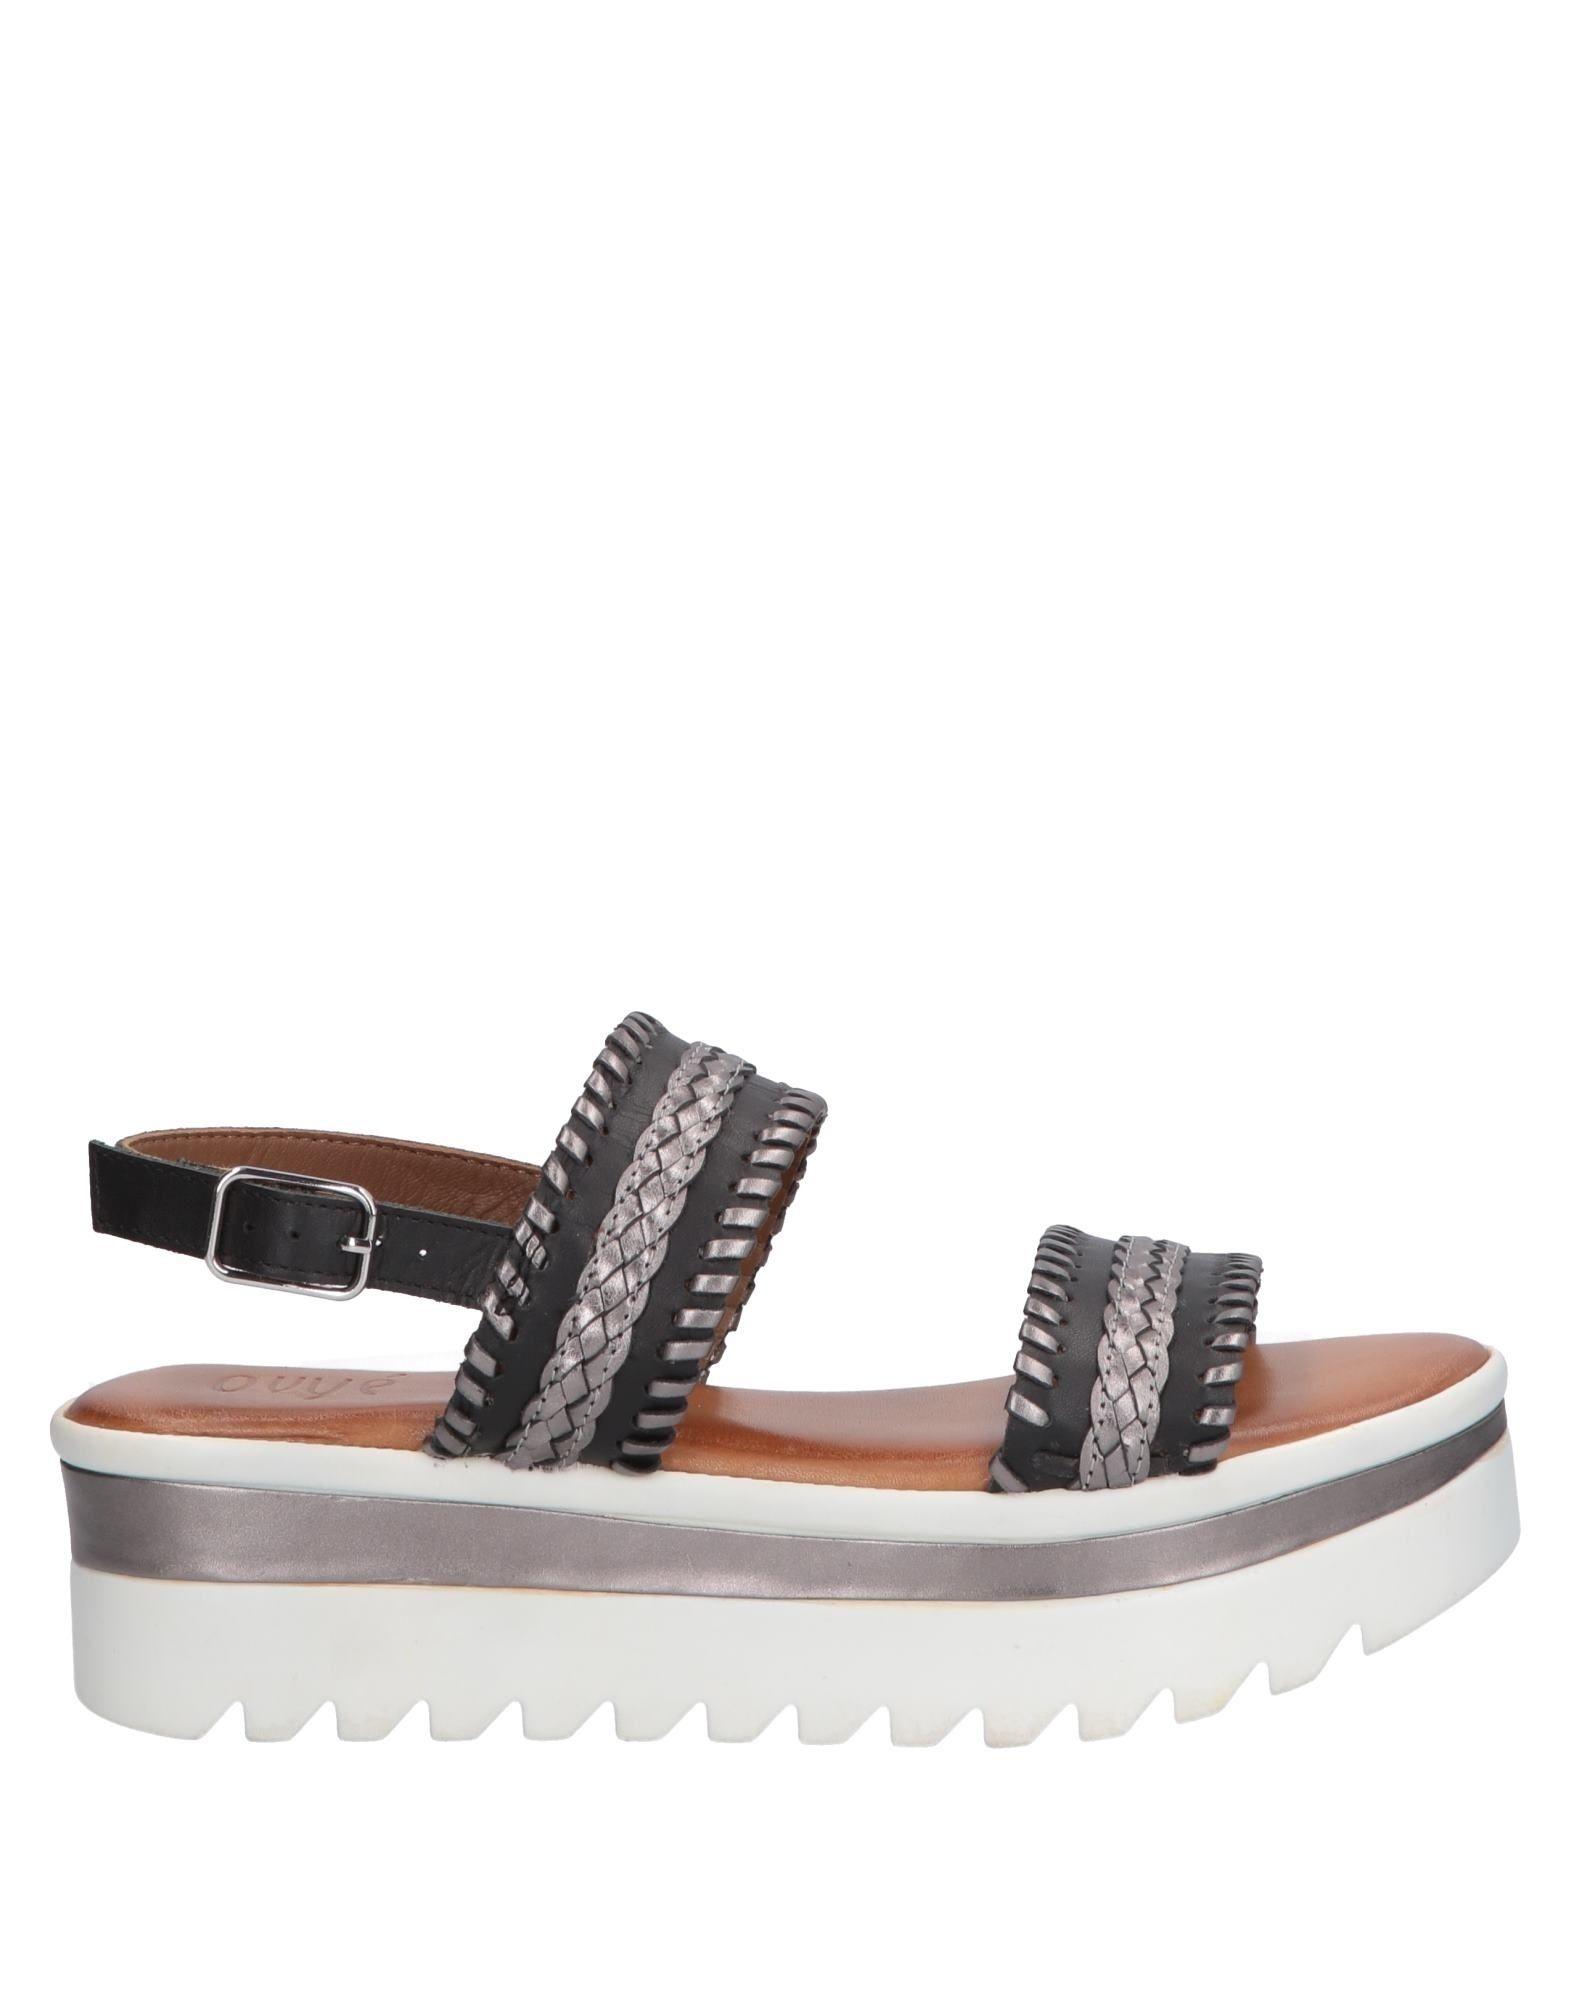 Stivali Zoe Donna e - 11534087DB Nuove offerte e Donna scarpe comode 5f443c